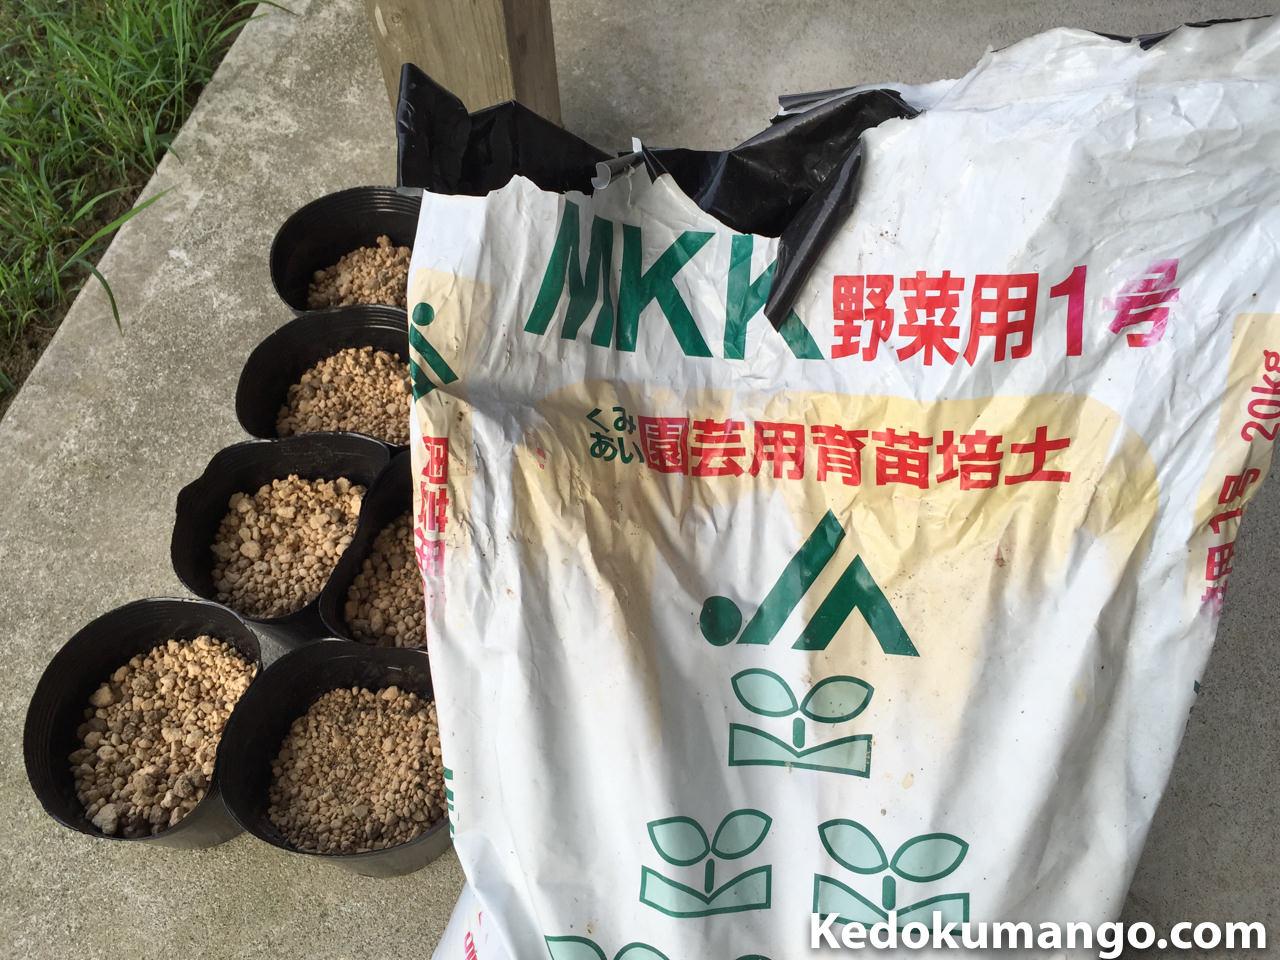 マンゴーの種を植えた育苗培土